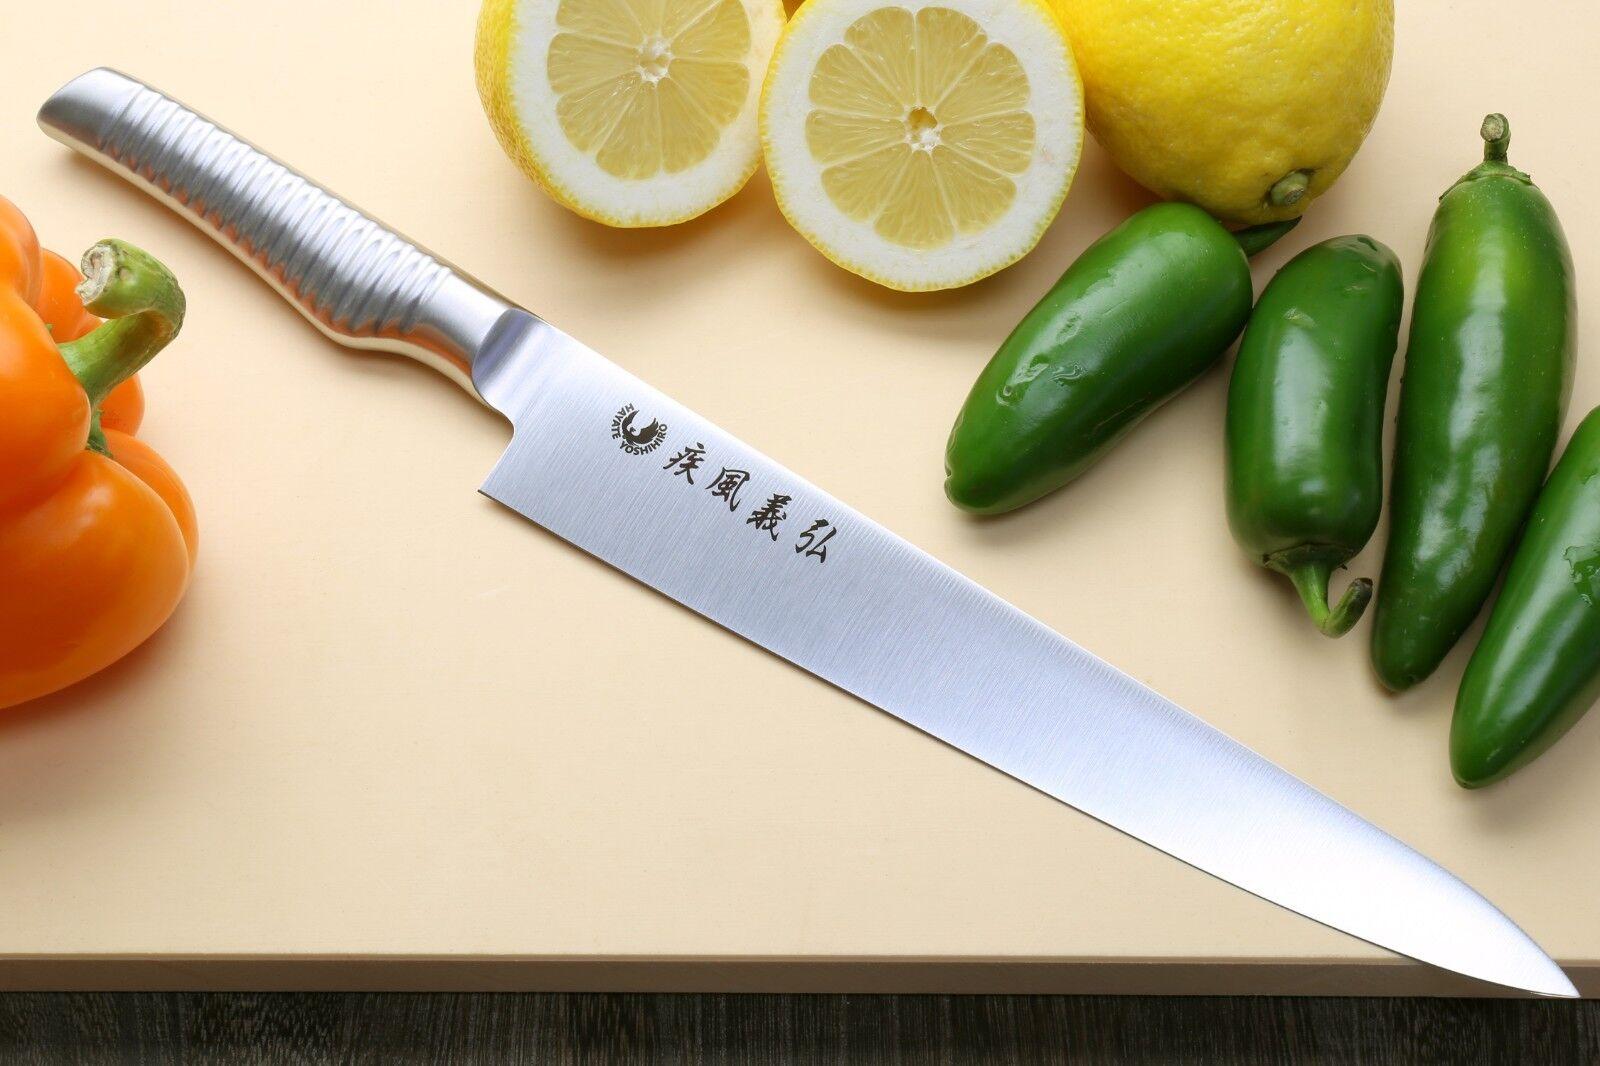 Yoshihiro INOX Stain Resistant Aus-8 Sujihiki Slicer Chef knife